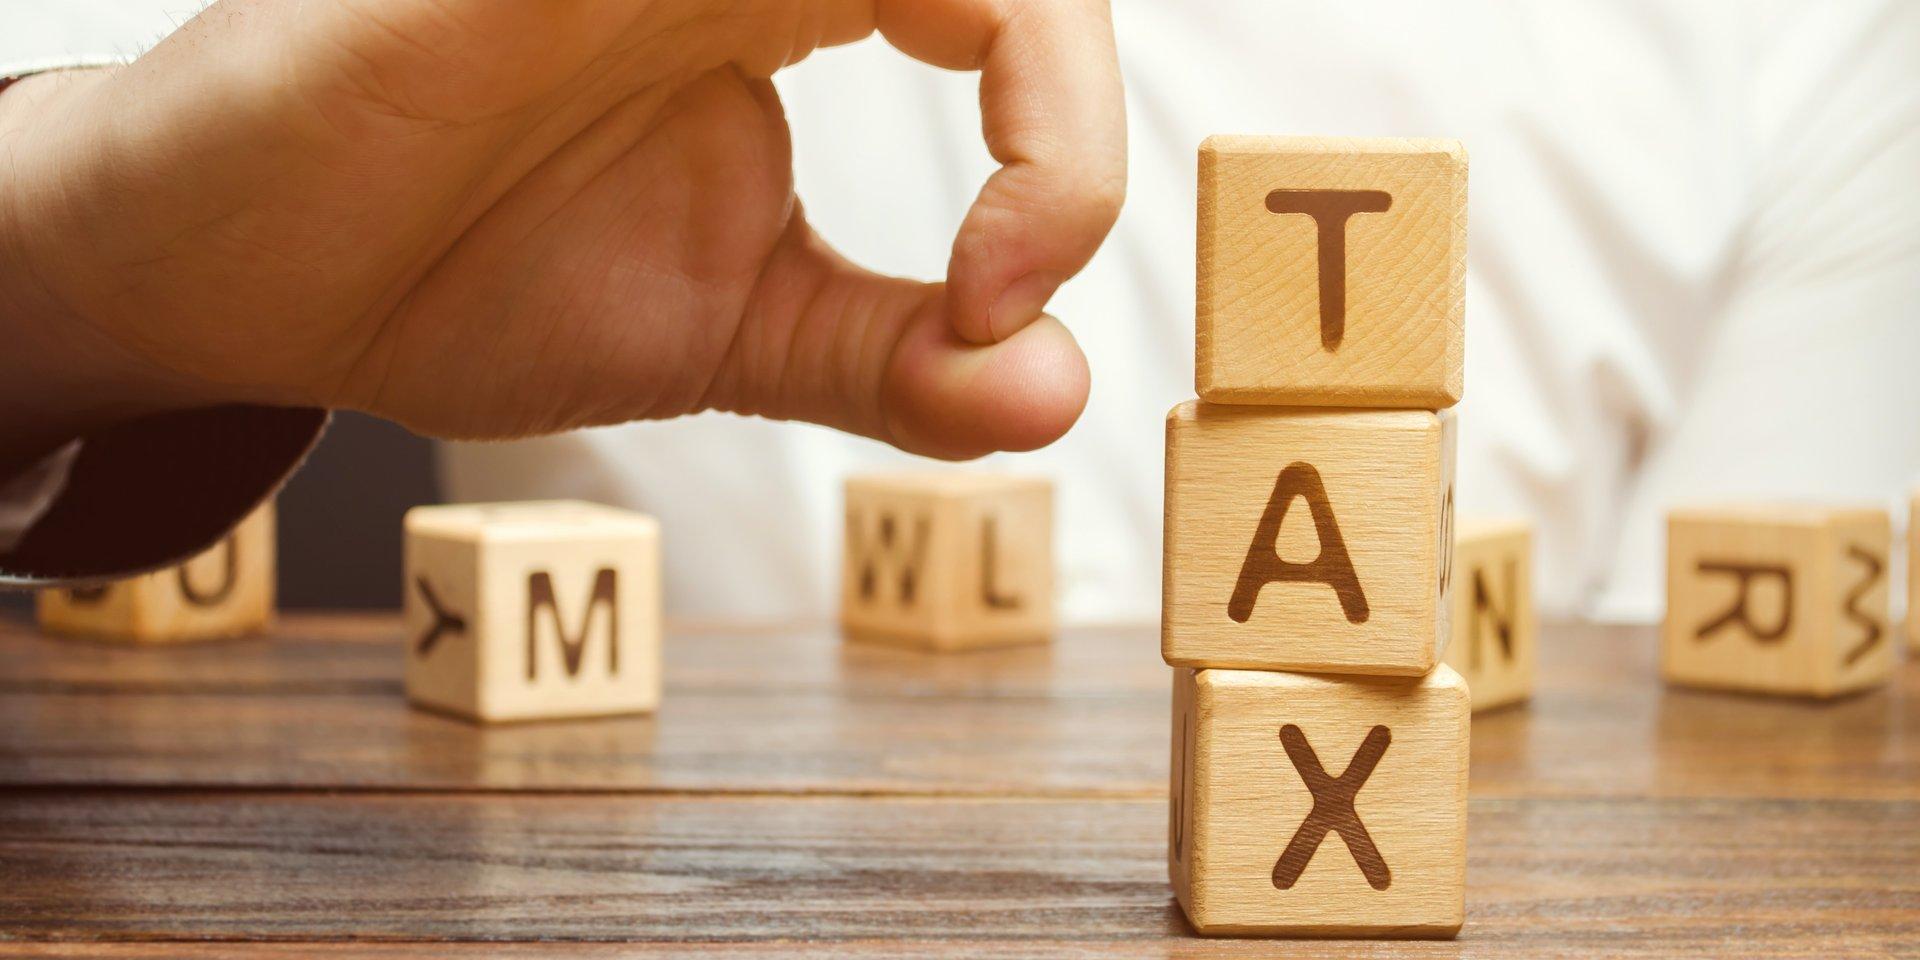 Koszty podatkowe sfinansowane środkami z tarczy